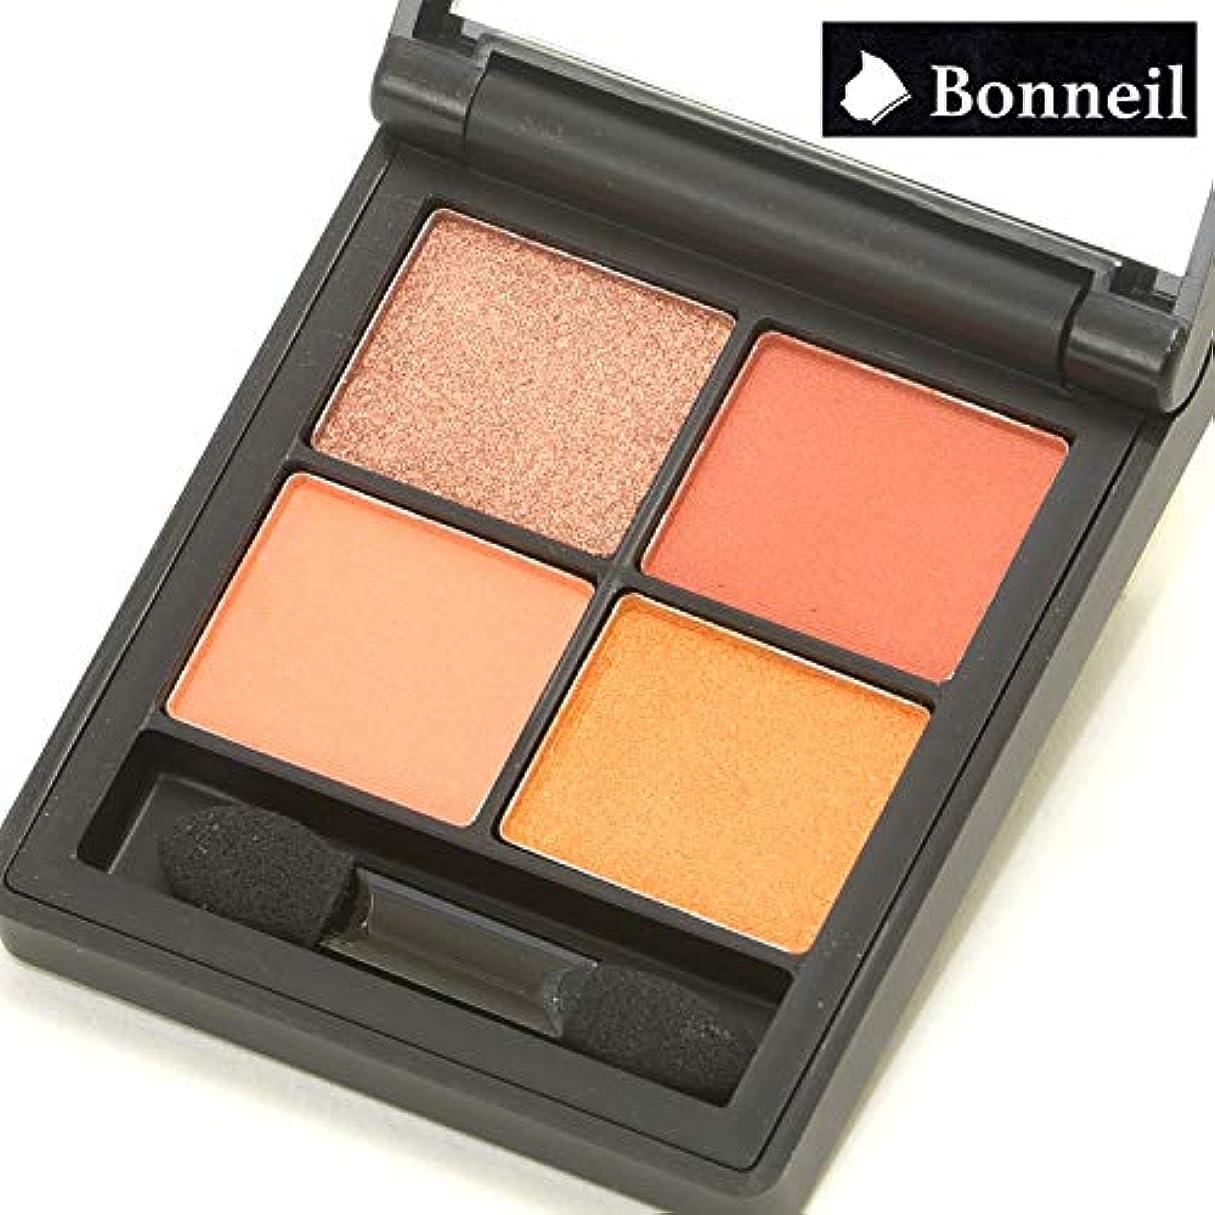 再現する松体操アイシャドウパレット 4色 チップ&ブラシ付属 Bonneil ボヌール